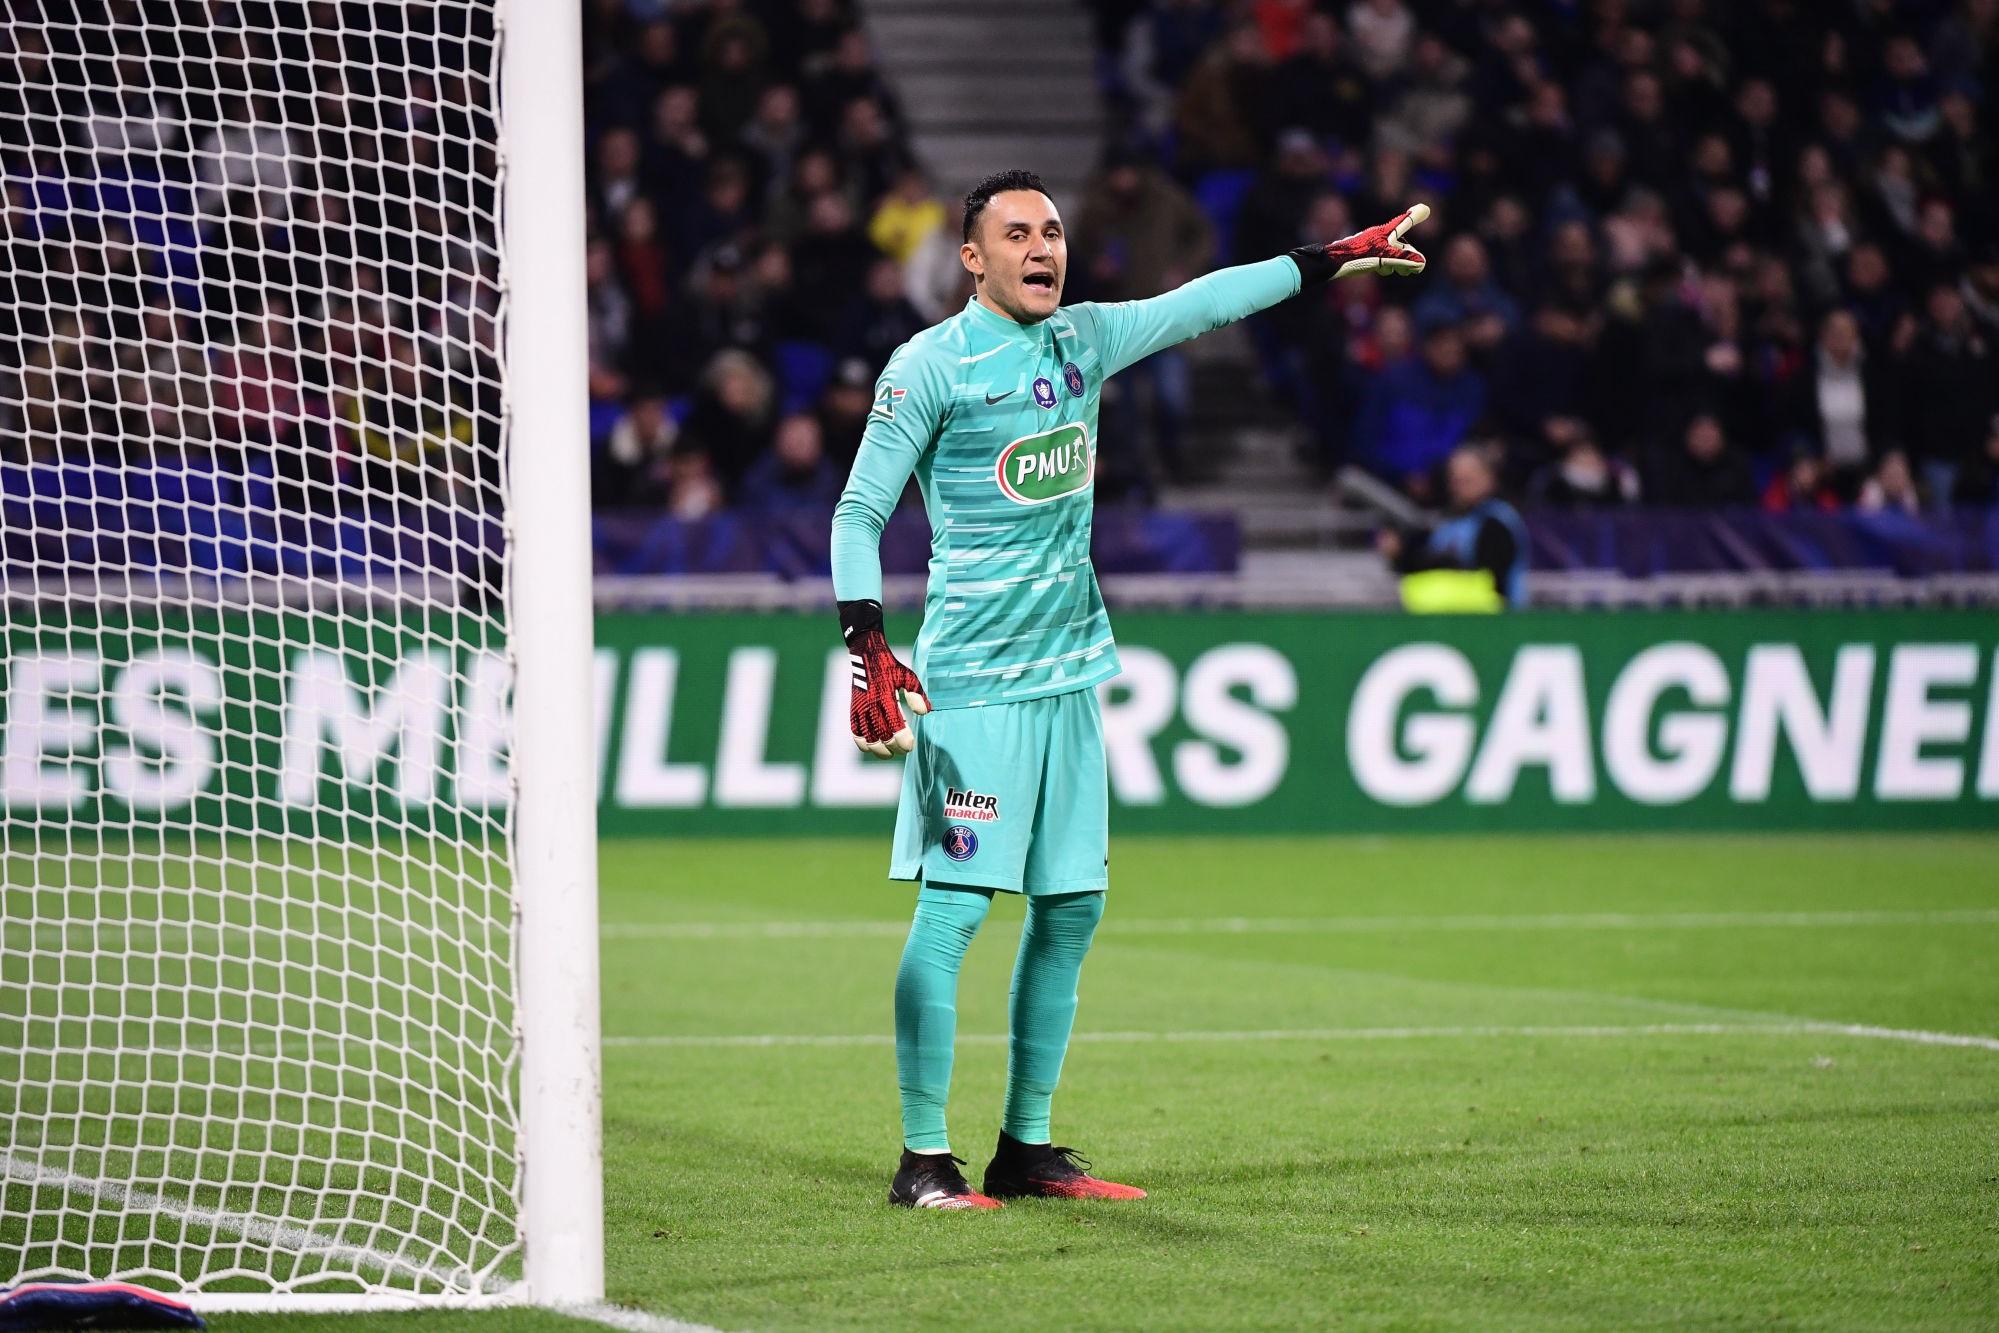 PSG/Bayern - Navas à l'entraînement jeudi, Verratti pourrait être titulaire dimanche selon RMC Sport